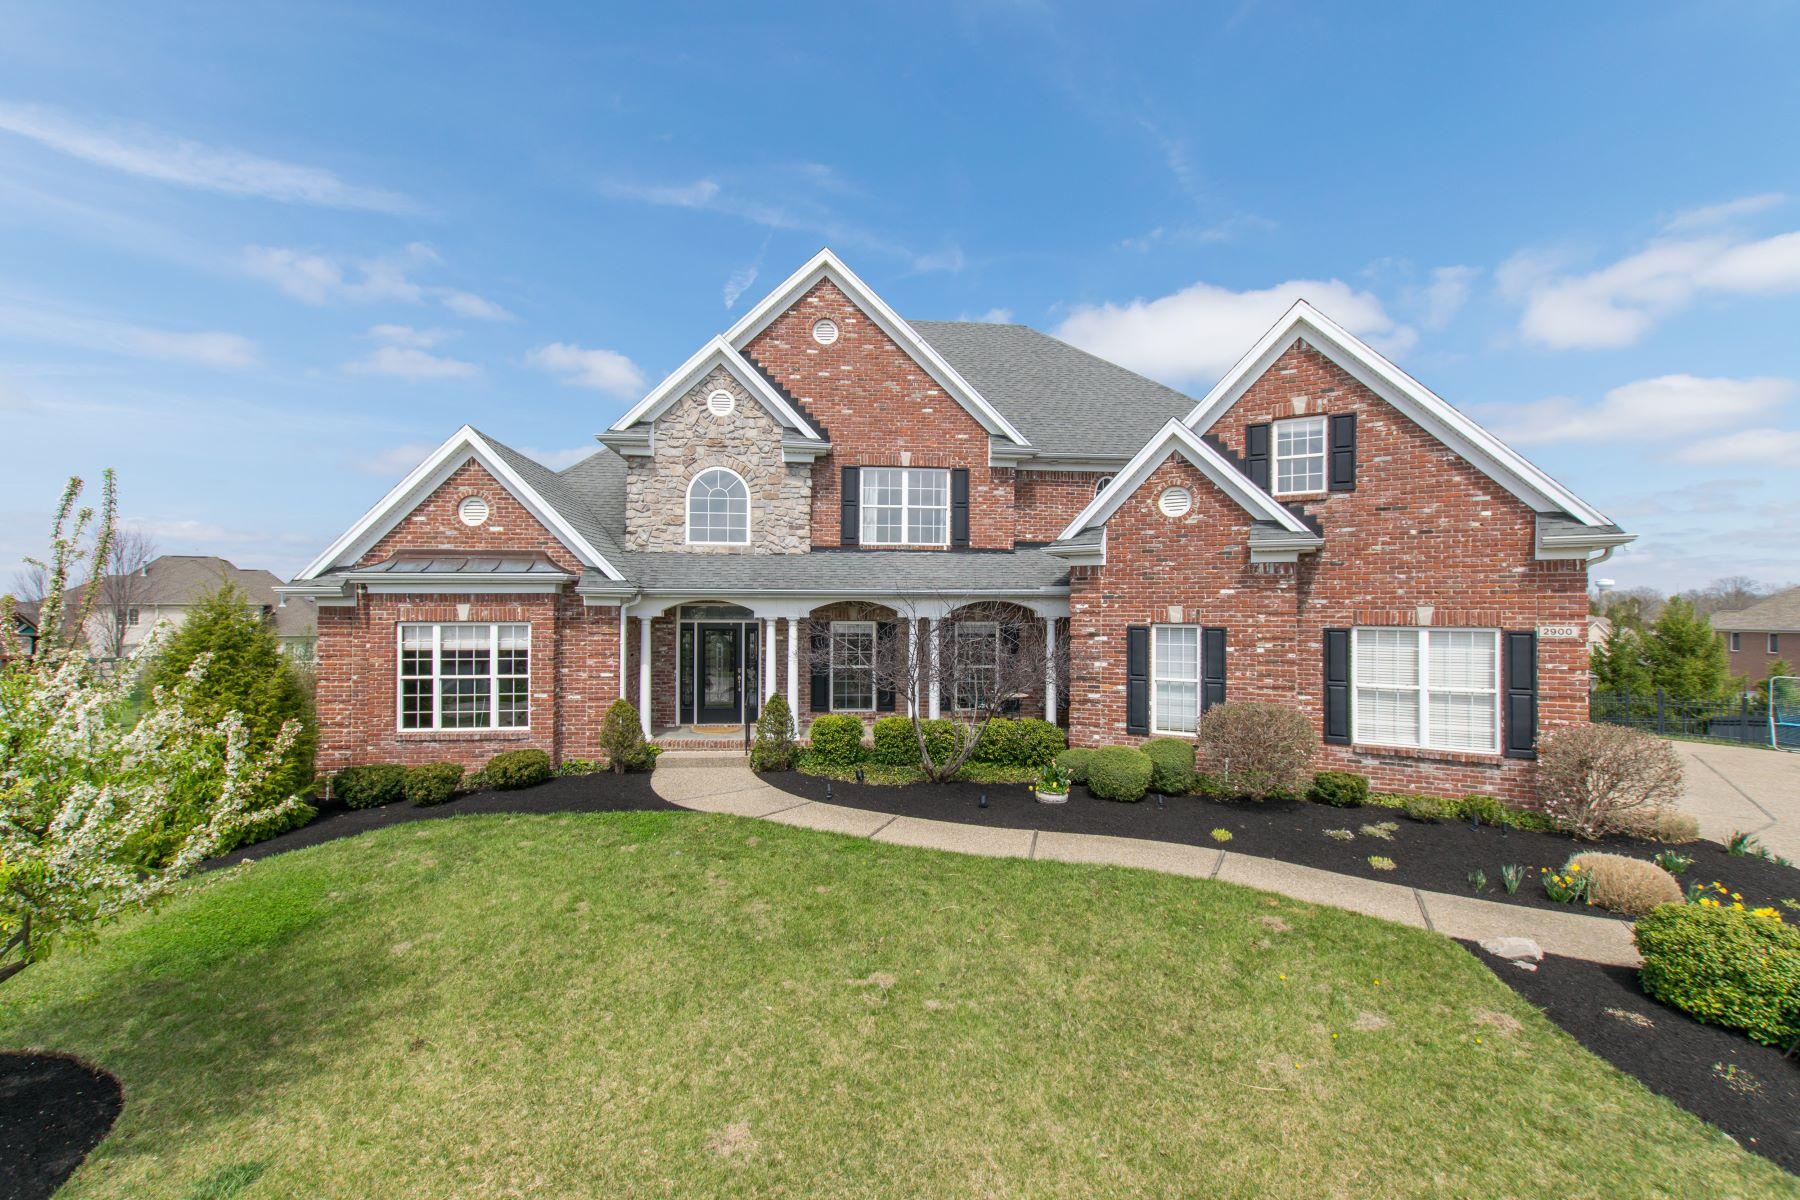 Maison unifamiliale pour l Vente à 2900 Circle Crest Court Prospect, Kentucky, 40059 États-Unis